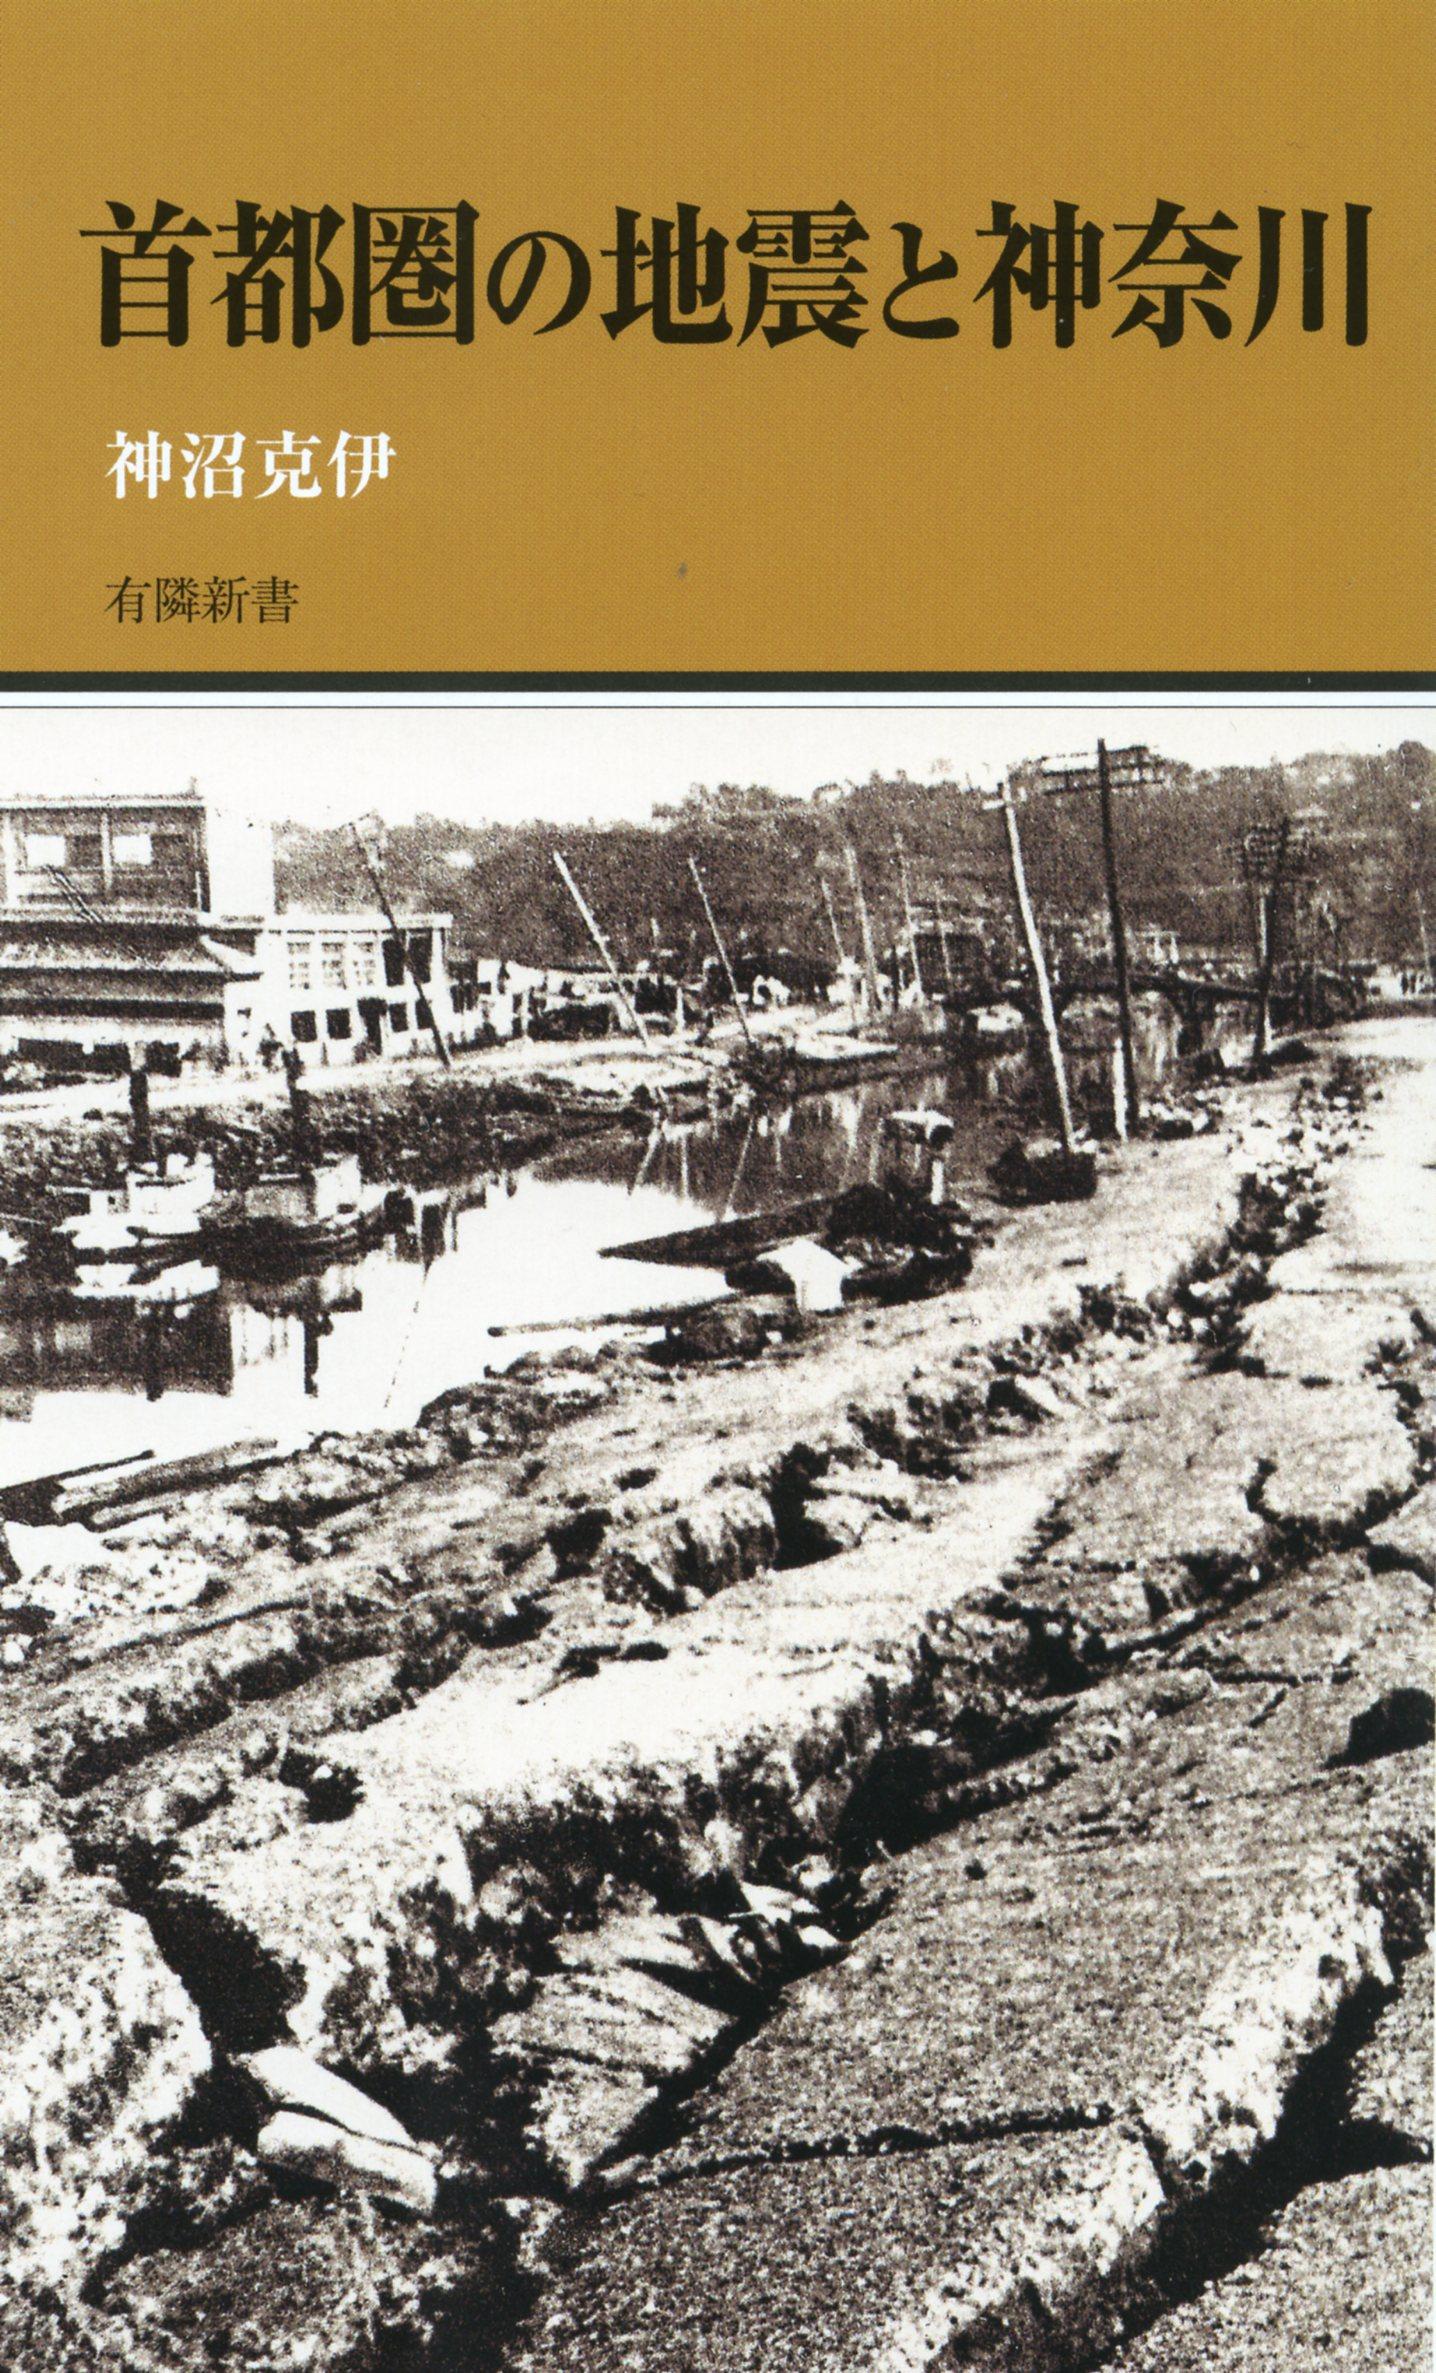 首都圏の地震と神奈川